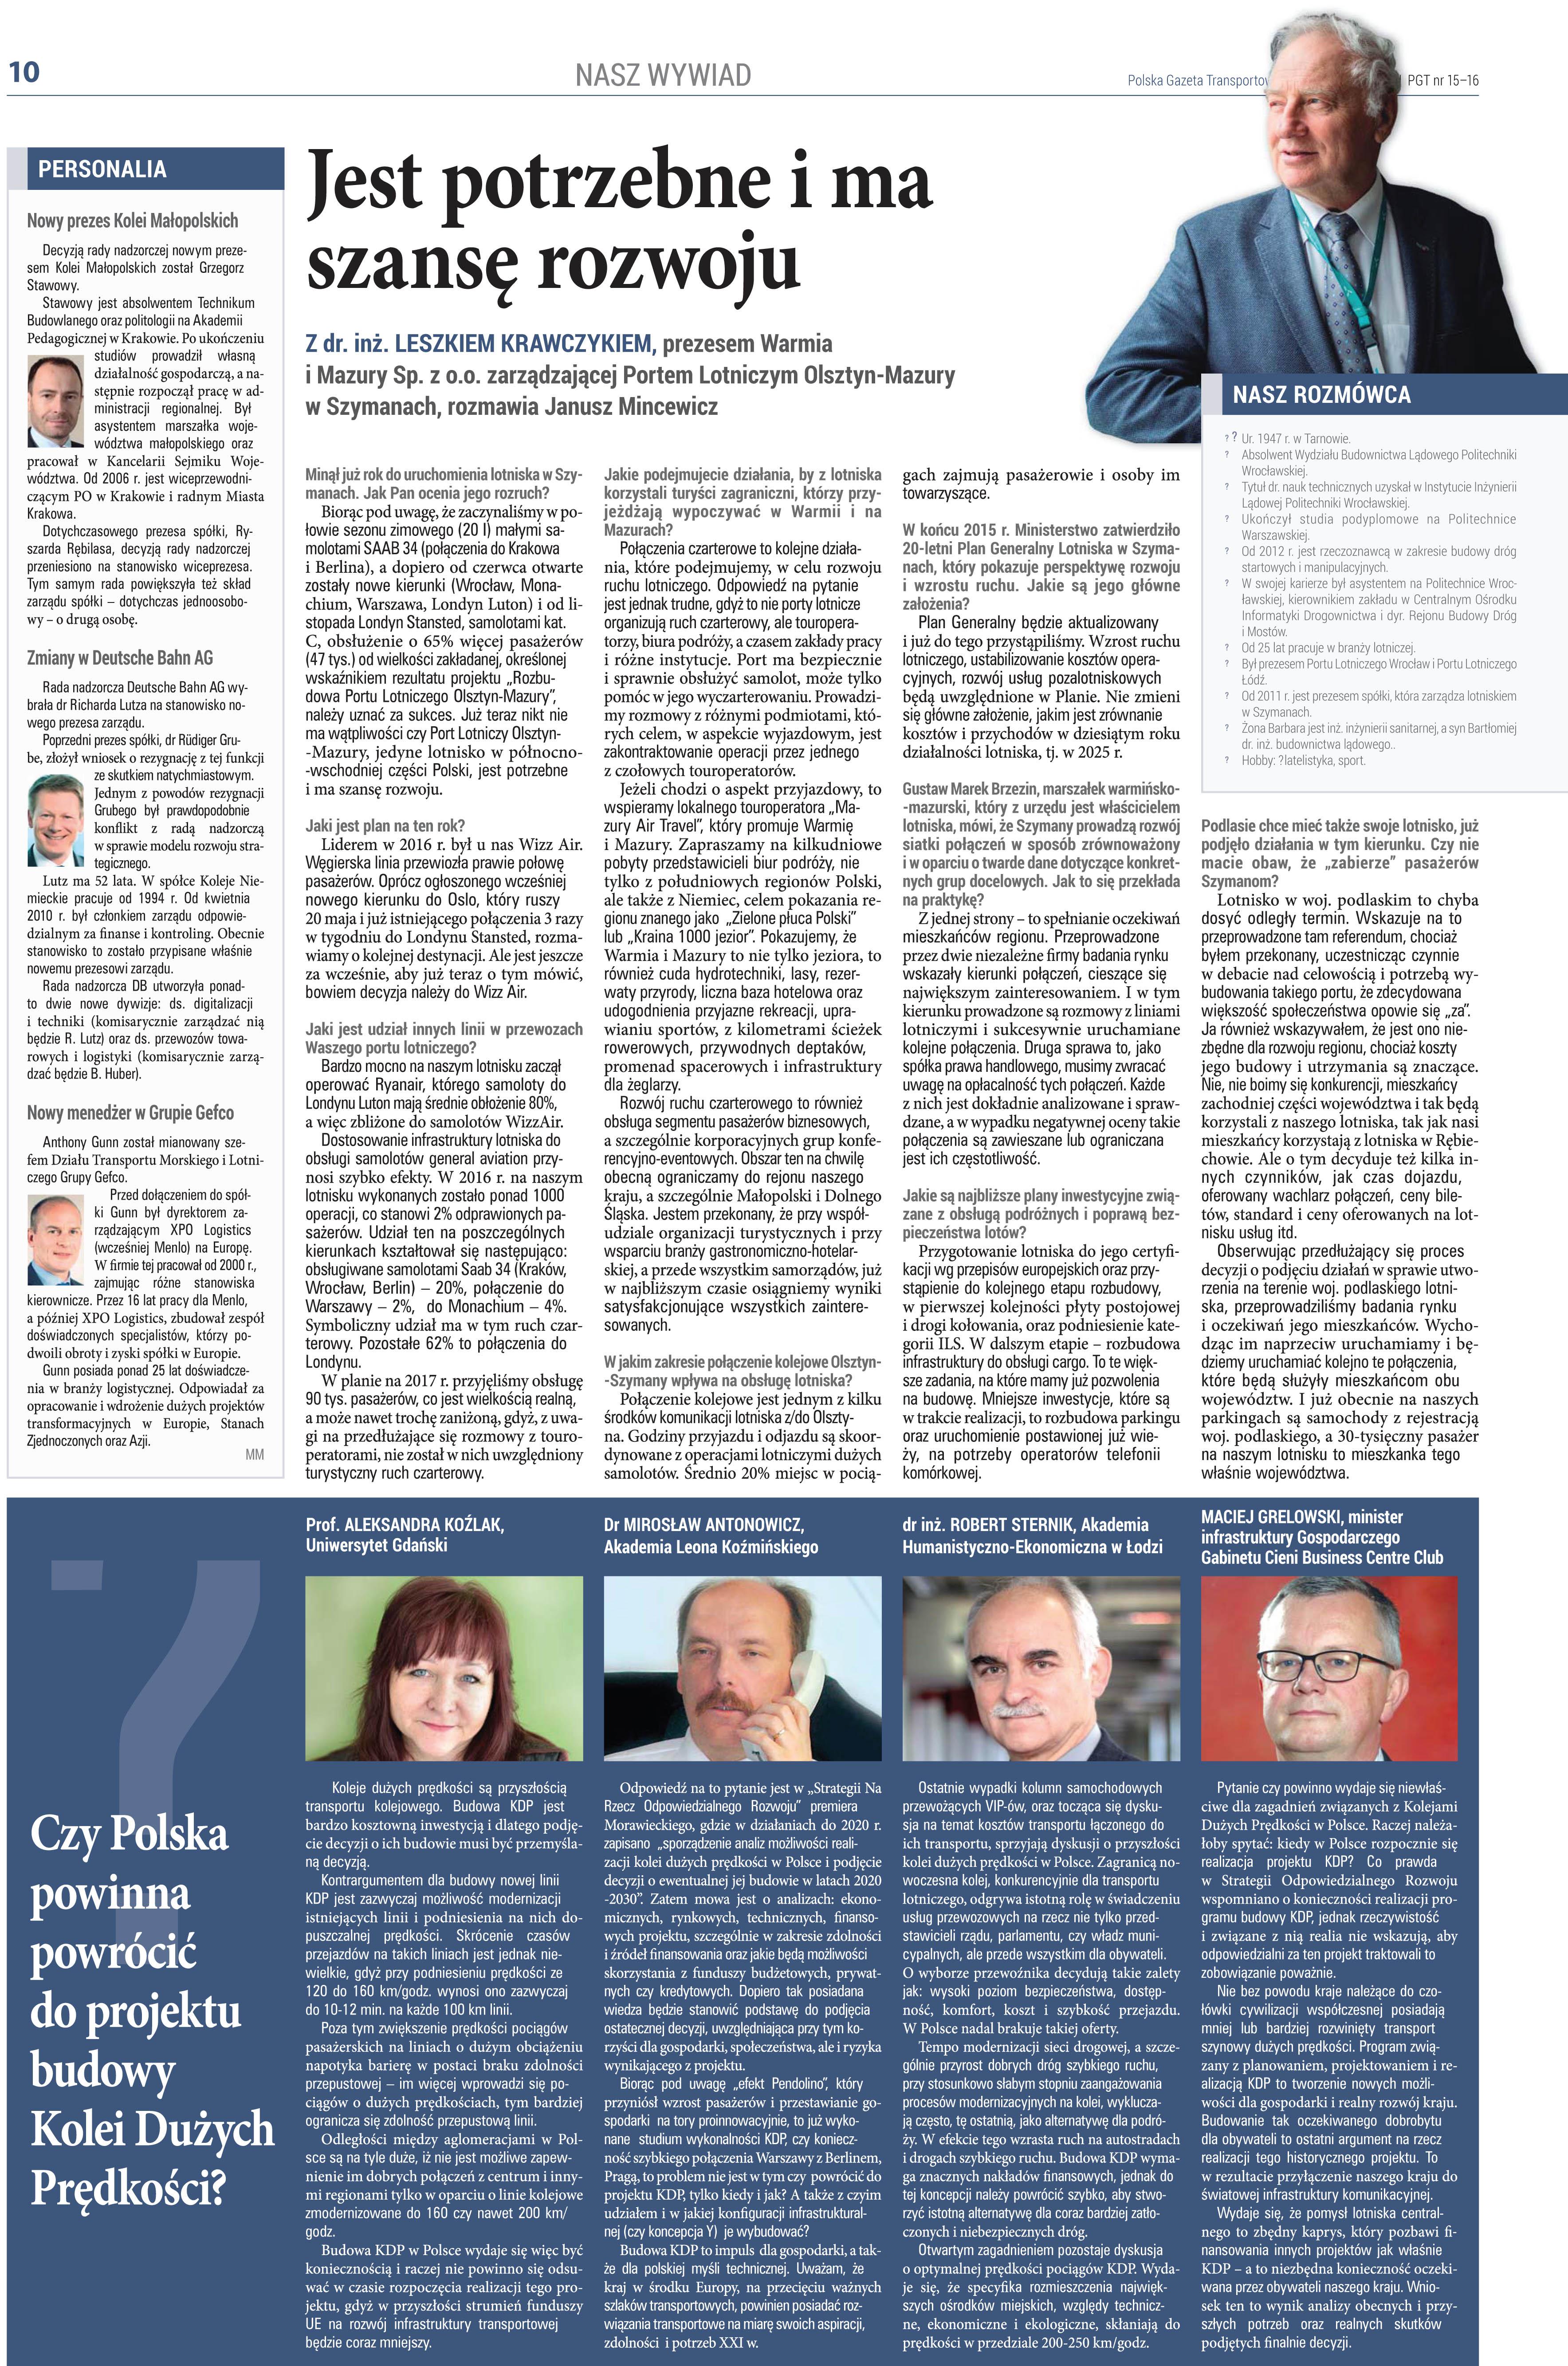 Robert Sternik w wywiadzie dla Polskiej Gazety Transportowej